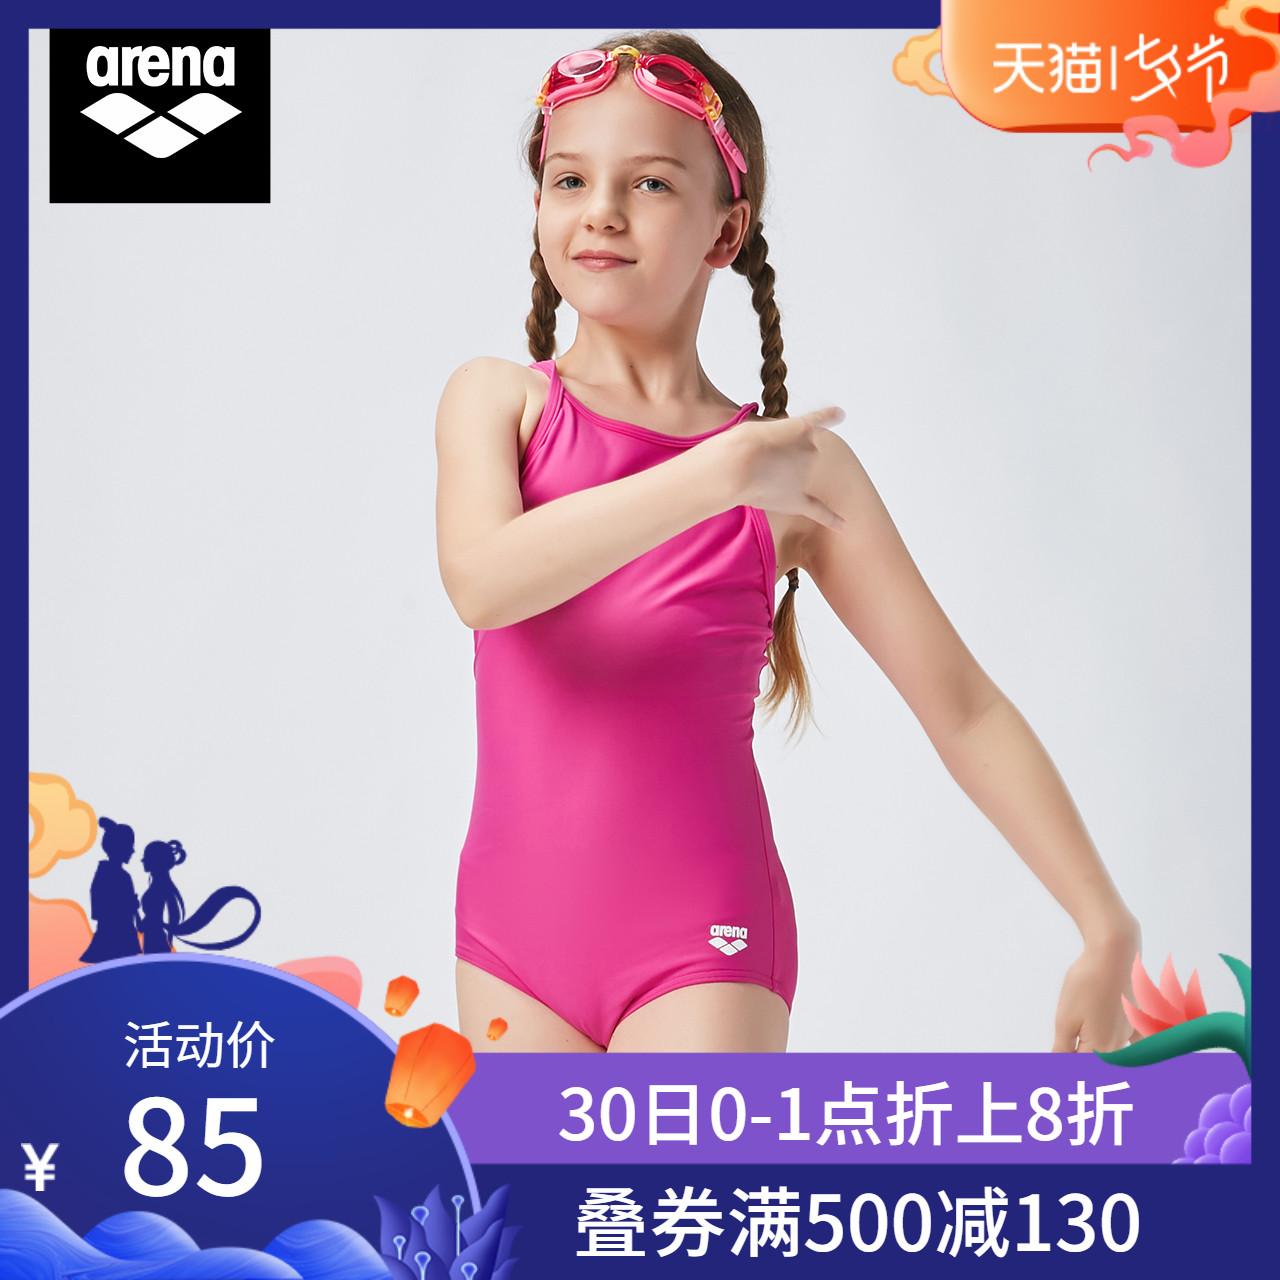 arena阿瑞娜新款兒童泳衣女連體女童 中大童高彈速幹抗氯游泳衣